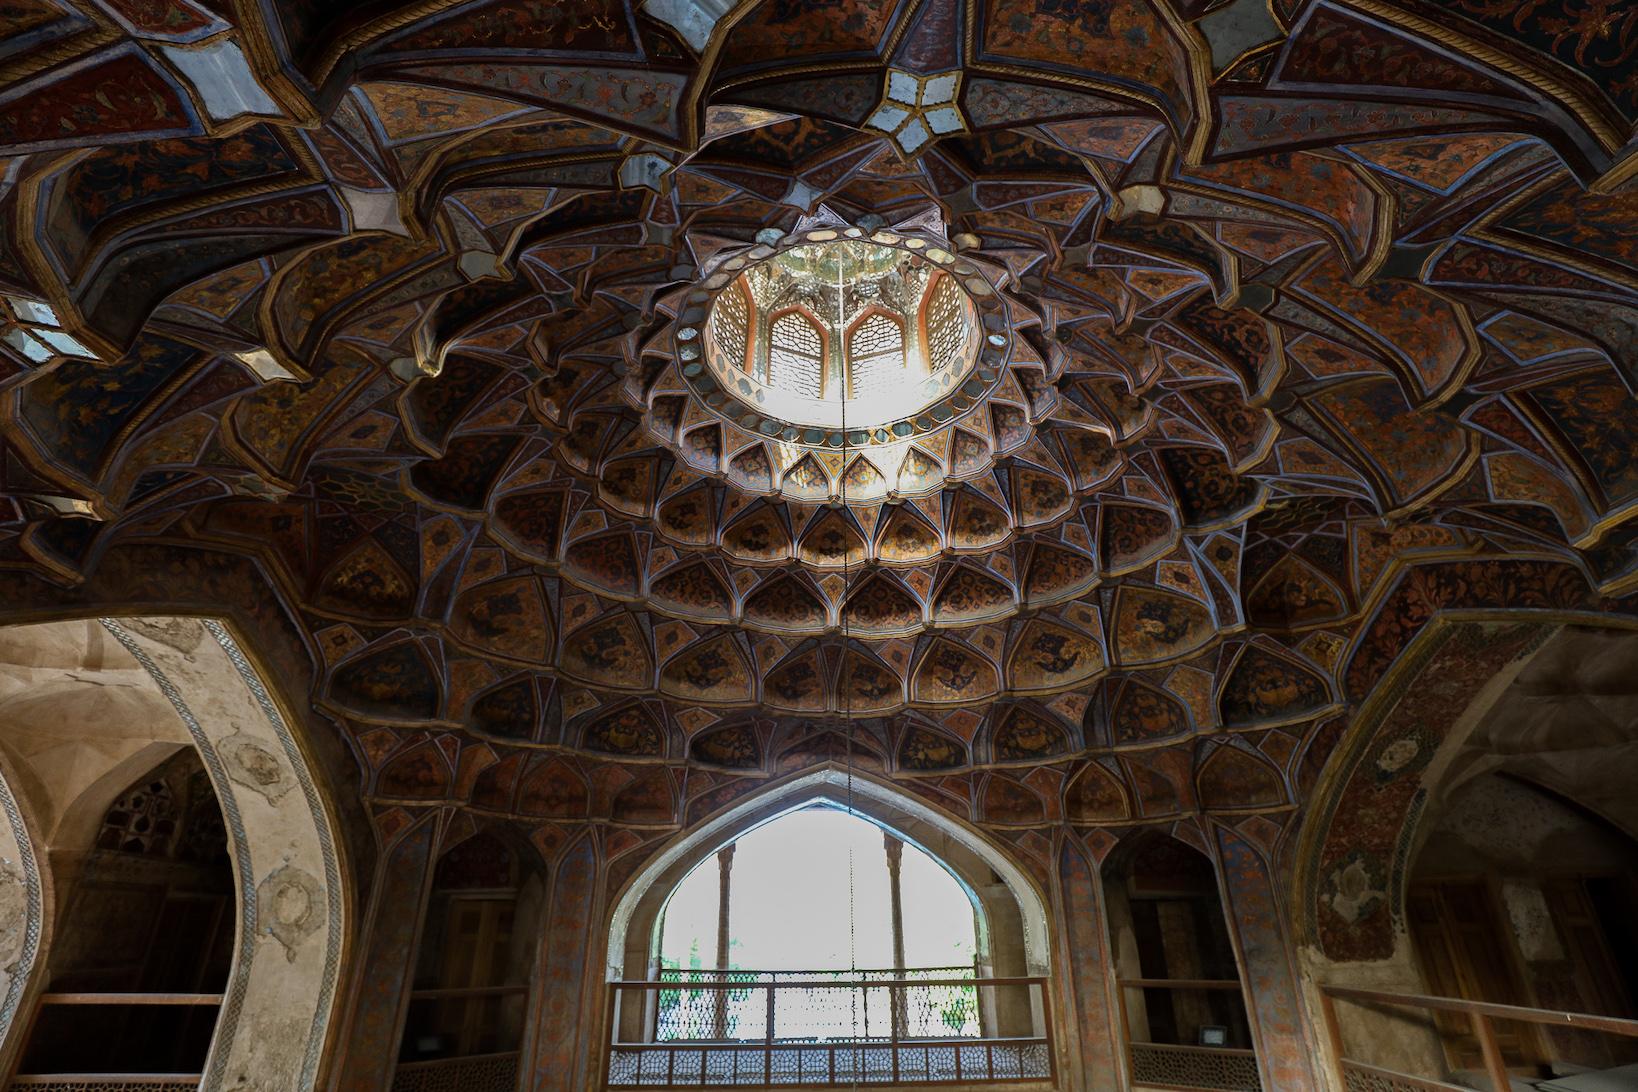 Hasht Behesht Palace Muqarnas